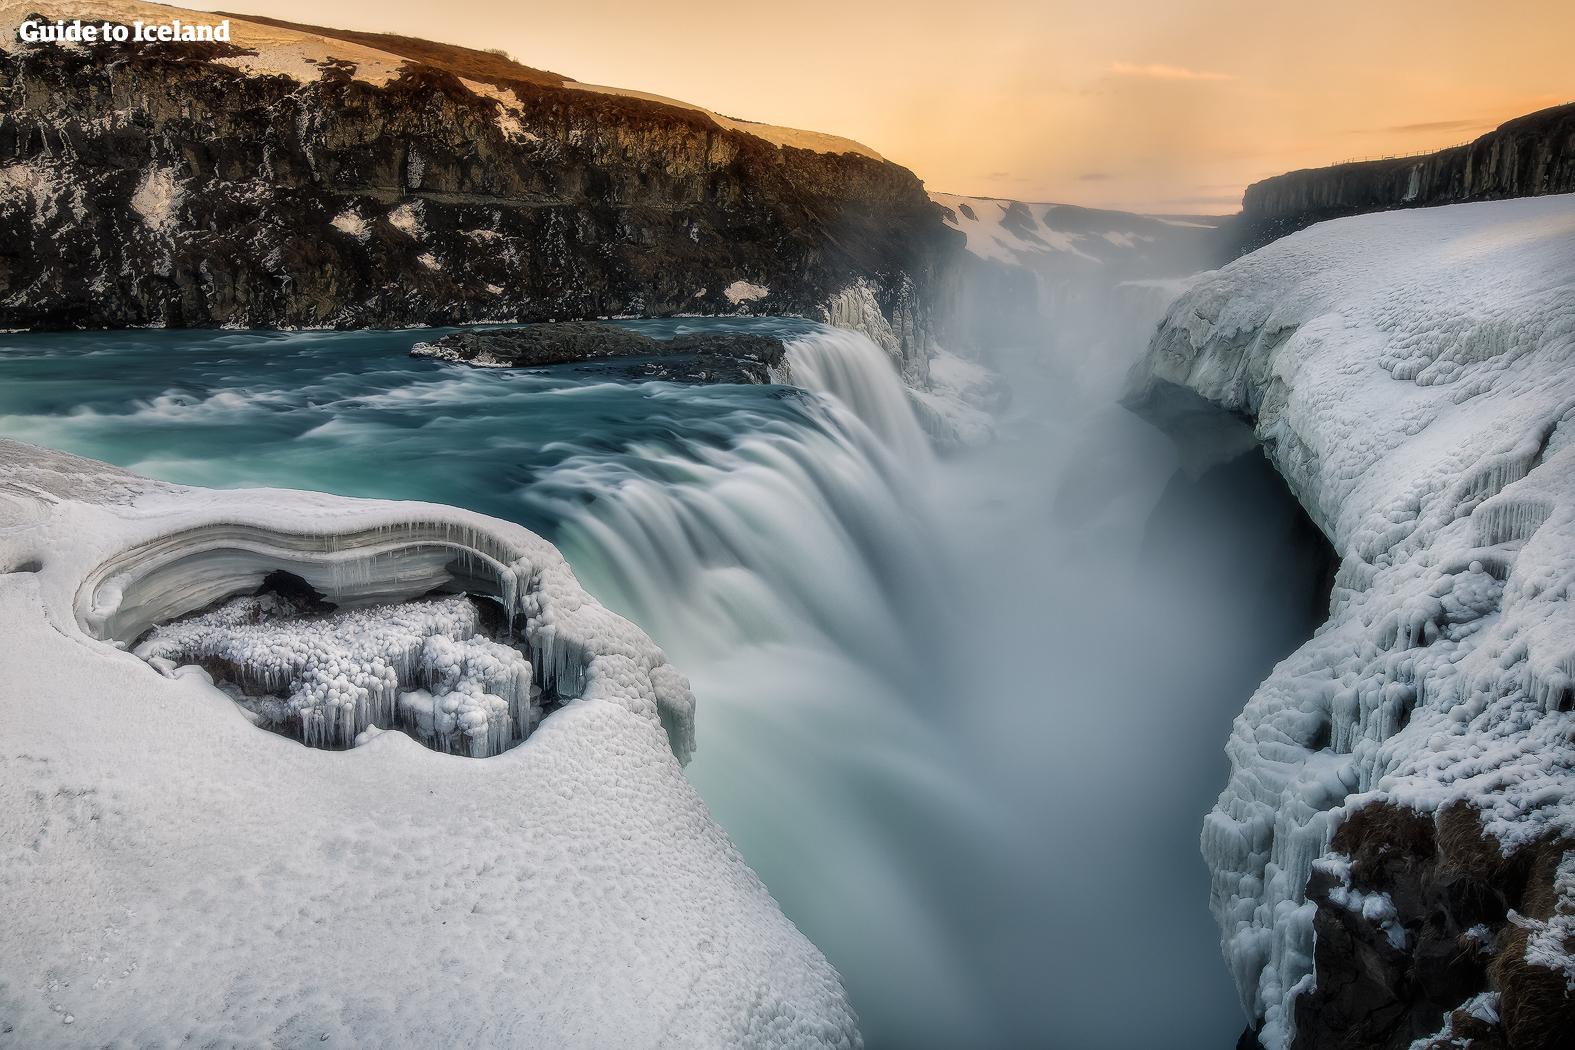 Gullfoss stürzt donnernd in eine uralte Schlucht, die im Winter von dicken Schichten aus Eis und Schnee bedeckt ist.